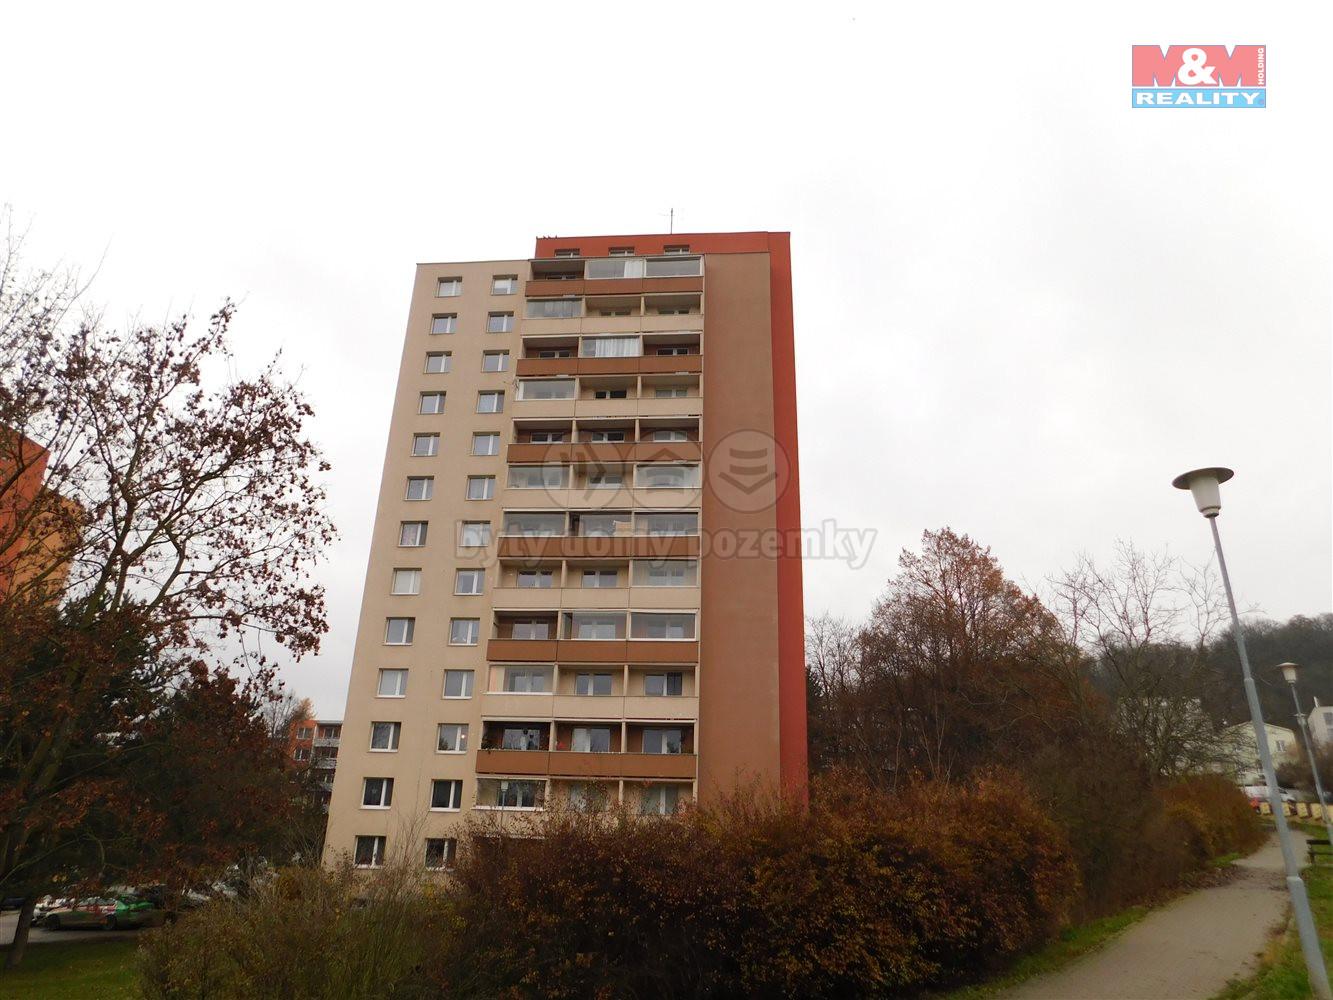 Prodej bytu 1+kk, 27 m², Brno, ul. Vychodilova